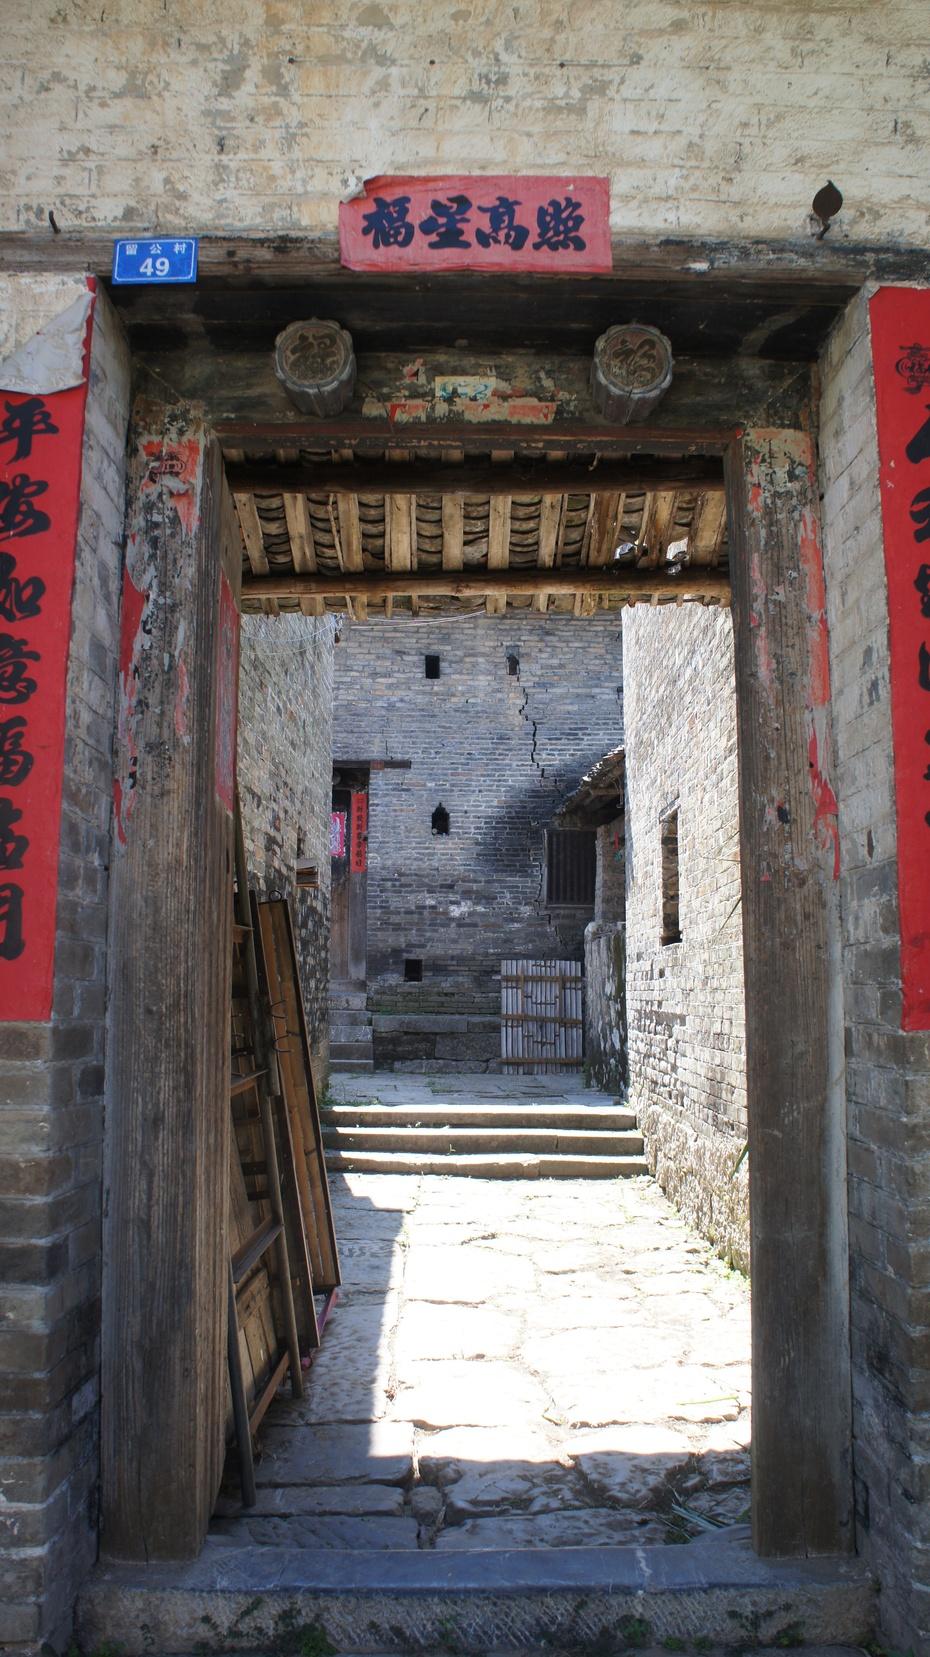 漓江边美丽的中国传统村落:留公村 - 余昌国 - 我的博客